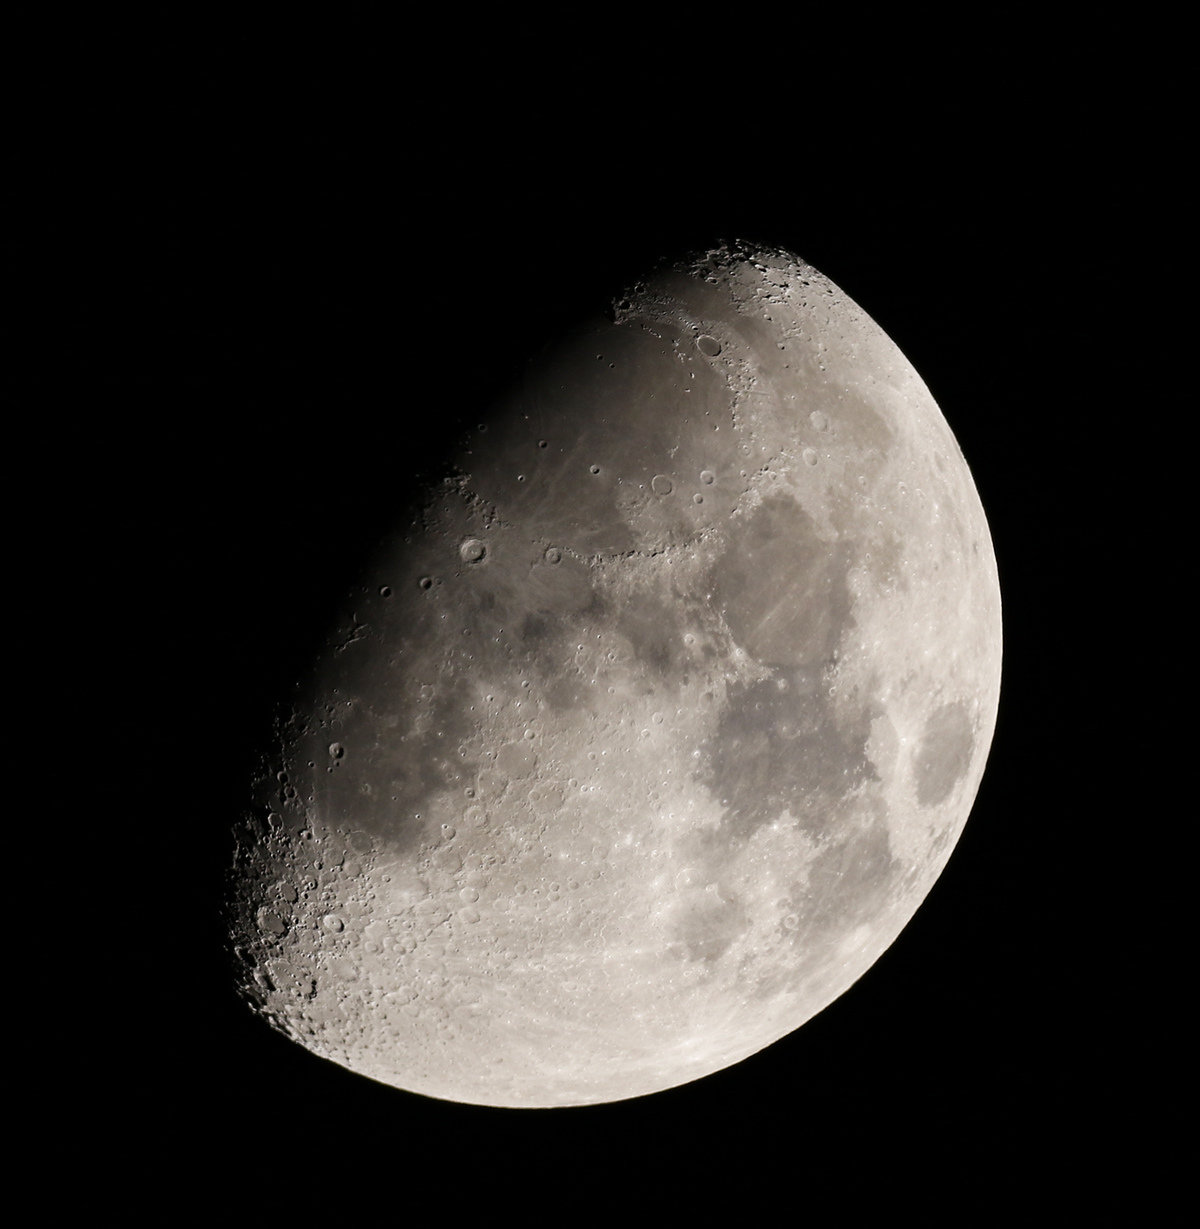 la lune le 14/02/2019 (58971)